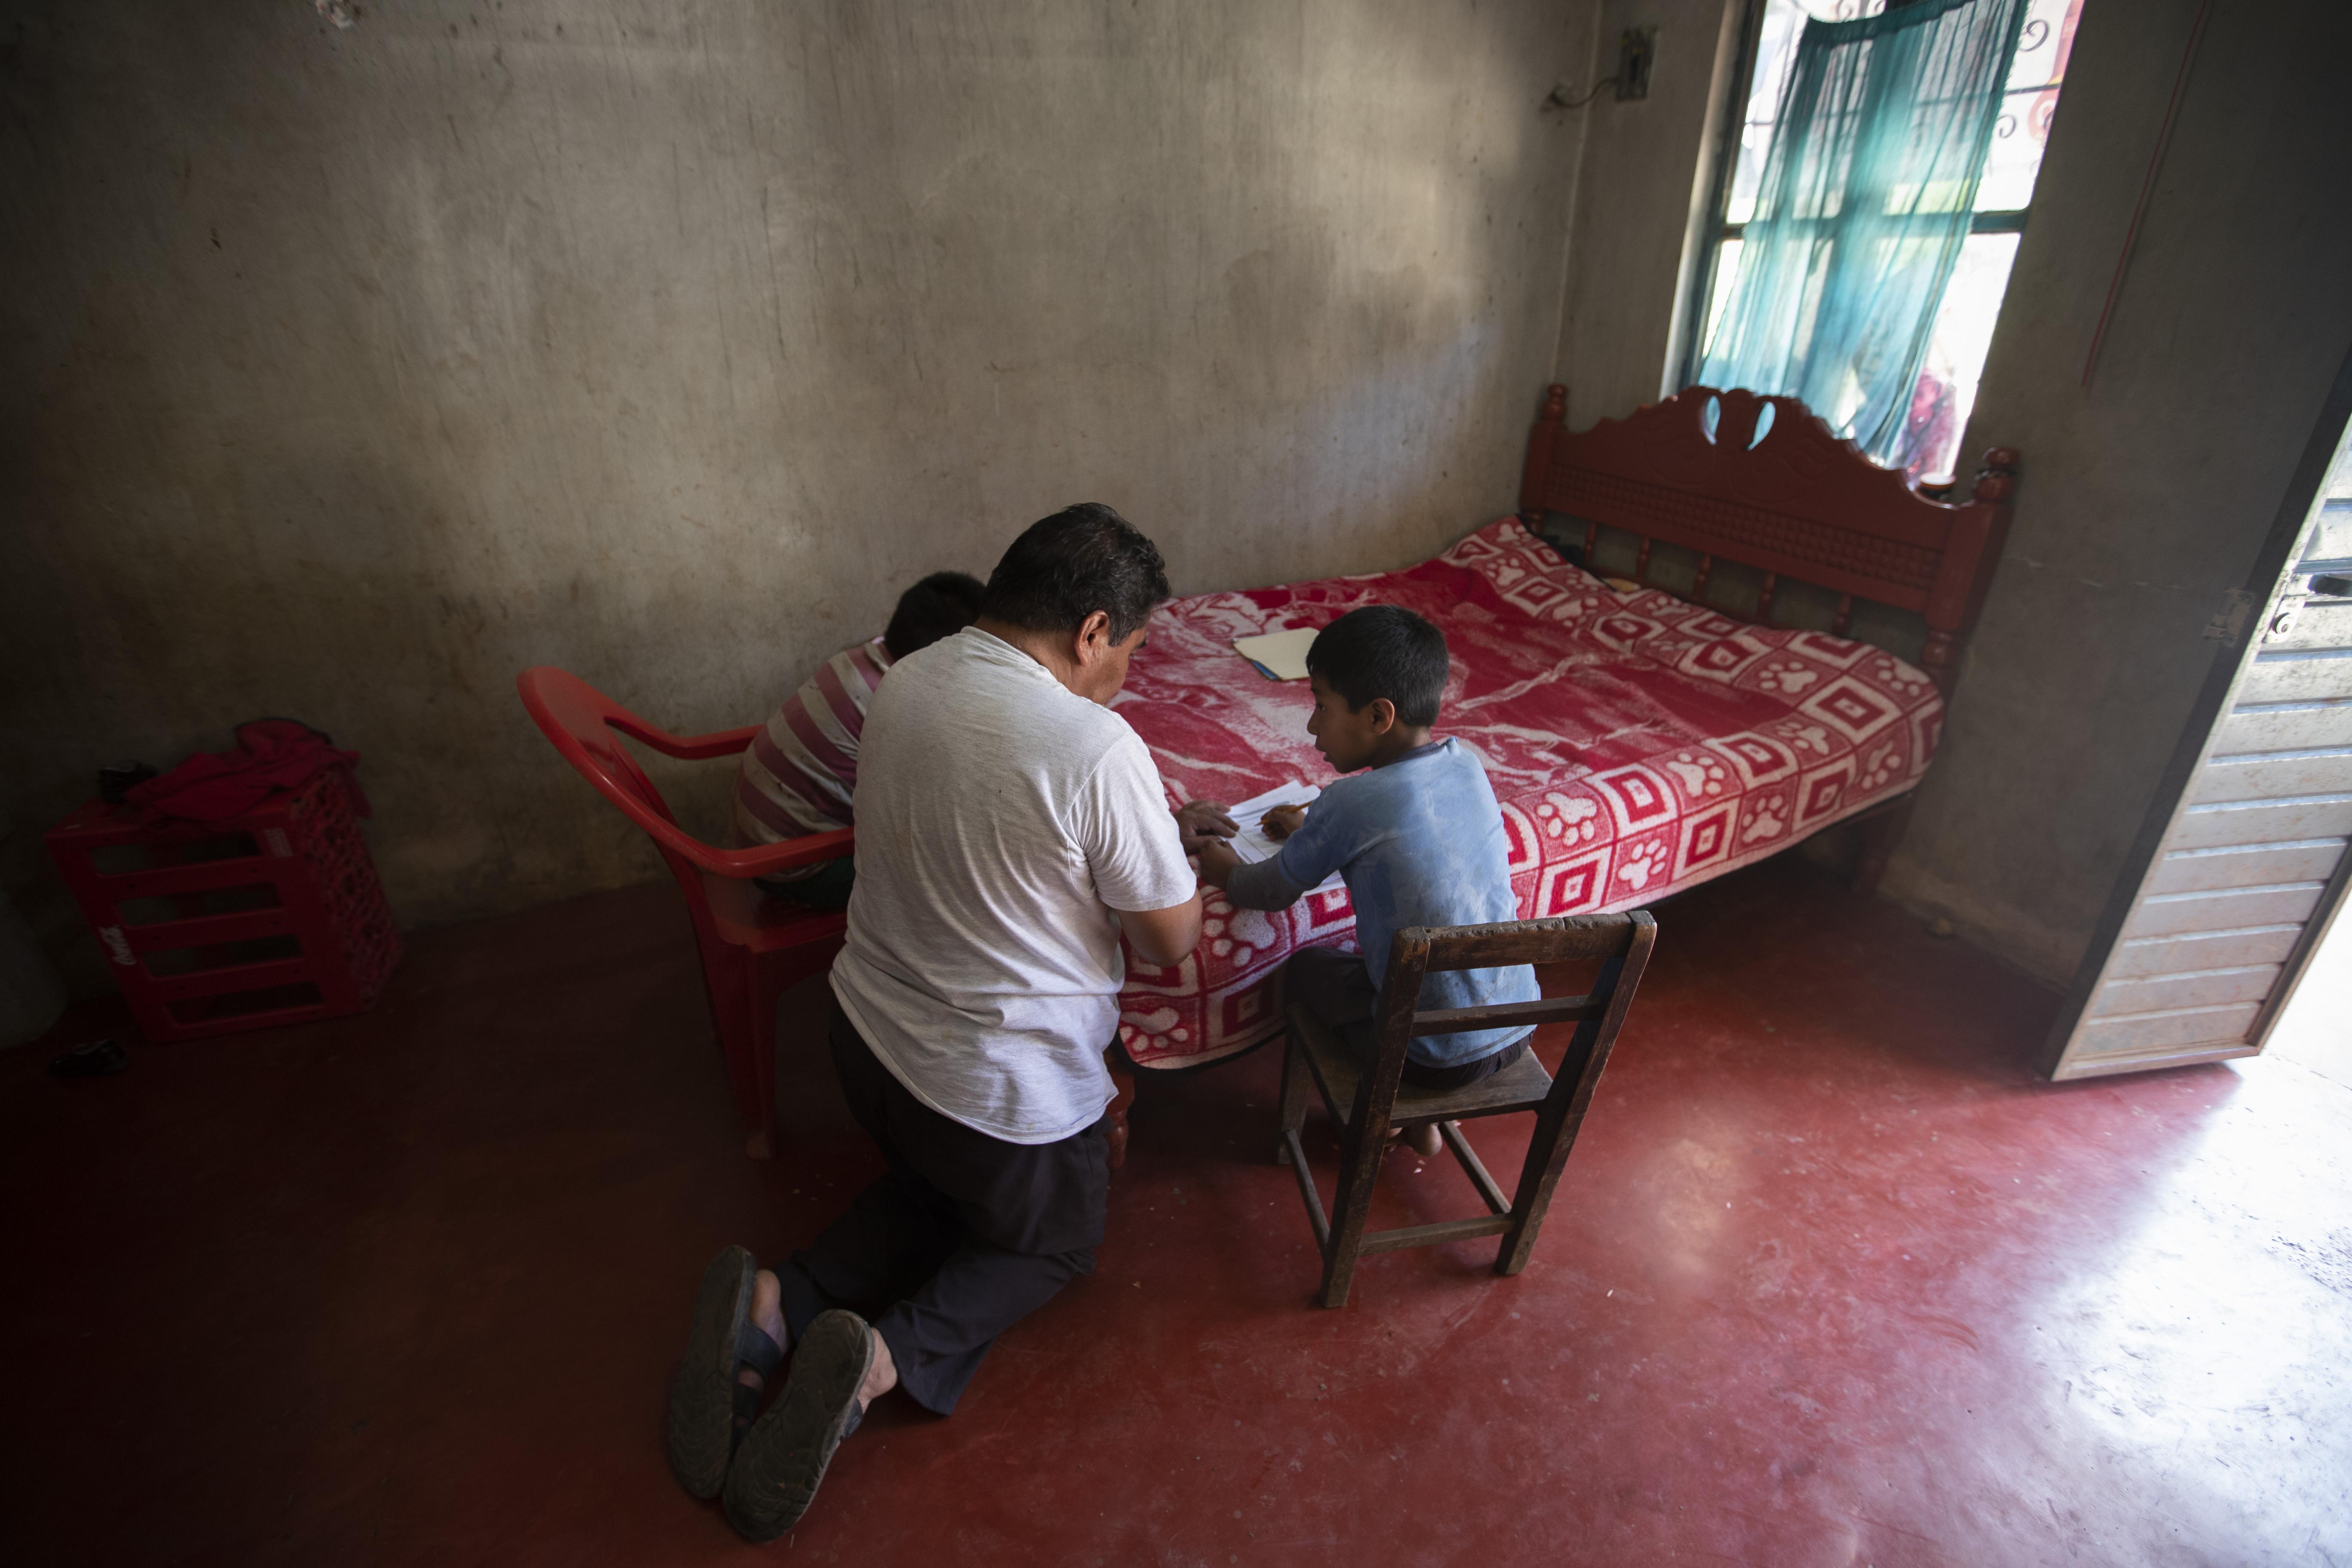 """Usando una cama como escritorio, Agustín Vázquez ayuda a sus hijos Samuel y Héctor con sus tareas escolares entregadas por maestros en medio de la nueva pandemia de coronavirus en su casa en Nuevo Yibeljoj, estado de Chiapas, México, el viernes 11 de septiembre de 2020. """"Lo intento , pero no es lo mismo que un maestro, porque yo soy agricultor """", dijo Agustín."""